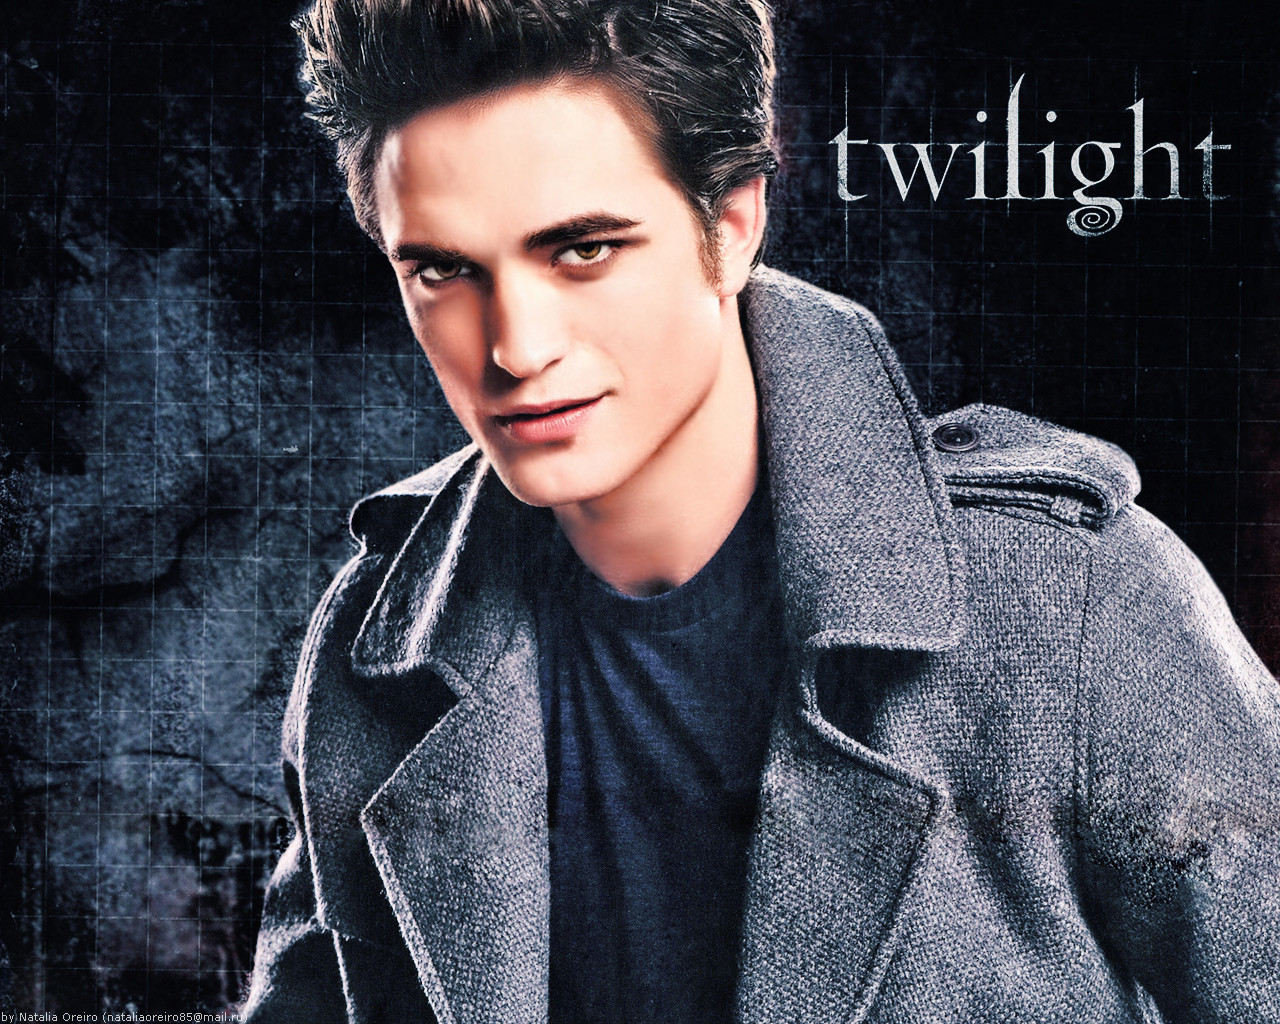 http://2.bp.blogspot.com/_tPULZn_hRhk/TNjPjTNhogI/AAAAAAAAAHE/h2AEkdbKtRQ/s1600/edward-cullen-twilight-series-3897195-1280-102421.jpg